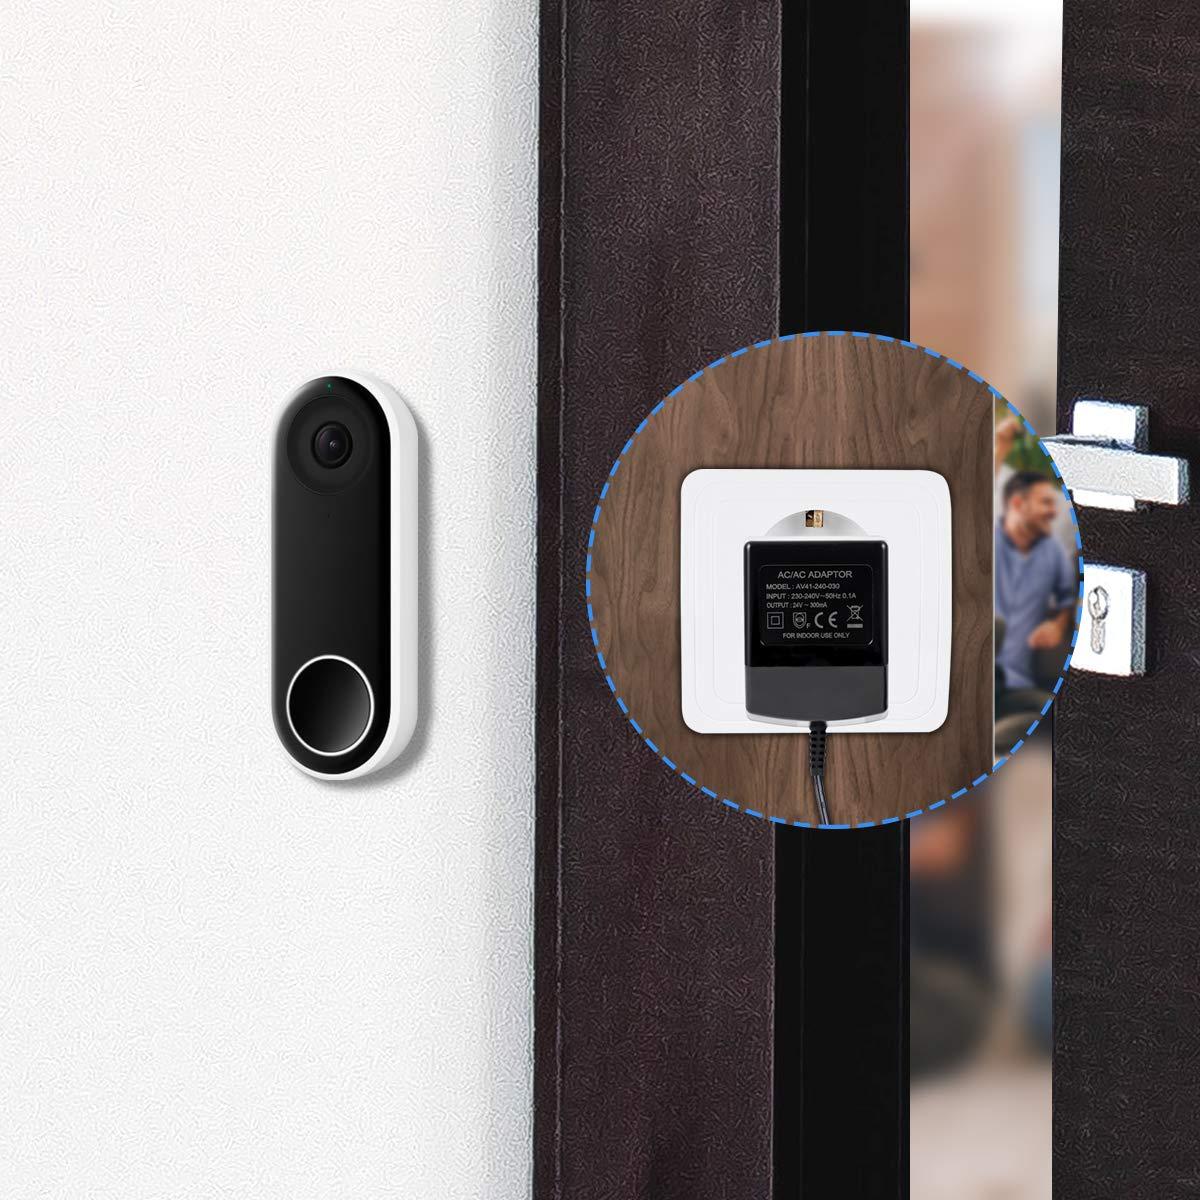 Alimentatore AC,LANMU AC 24V Alimentatore per Honeywell WiFi Termostato/Ring Video Doorbell/Ring Video Doorbell 2/Nest Hello ecc. Prodotti per la costruzione